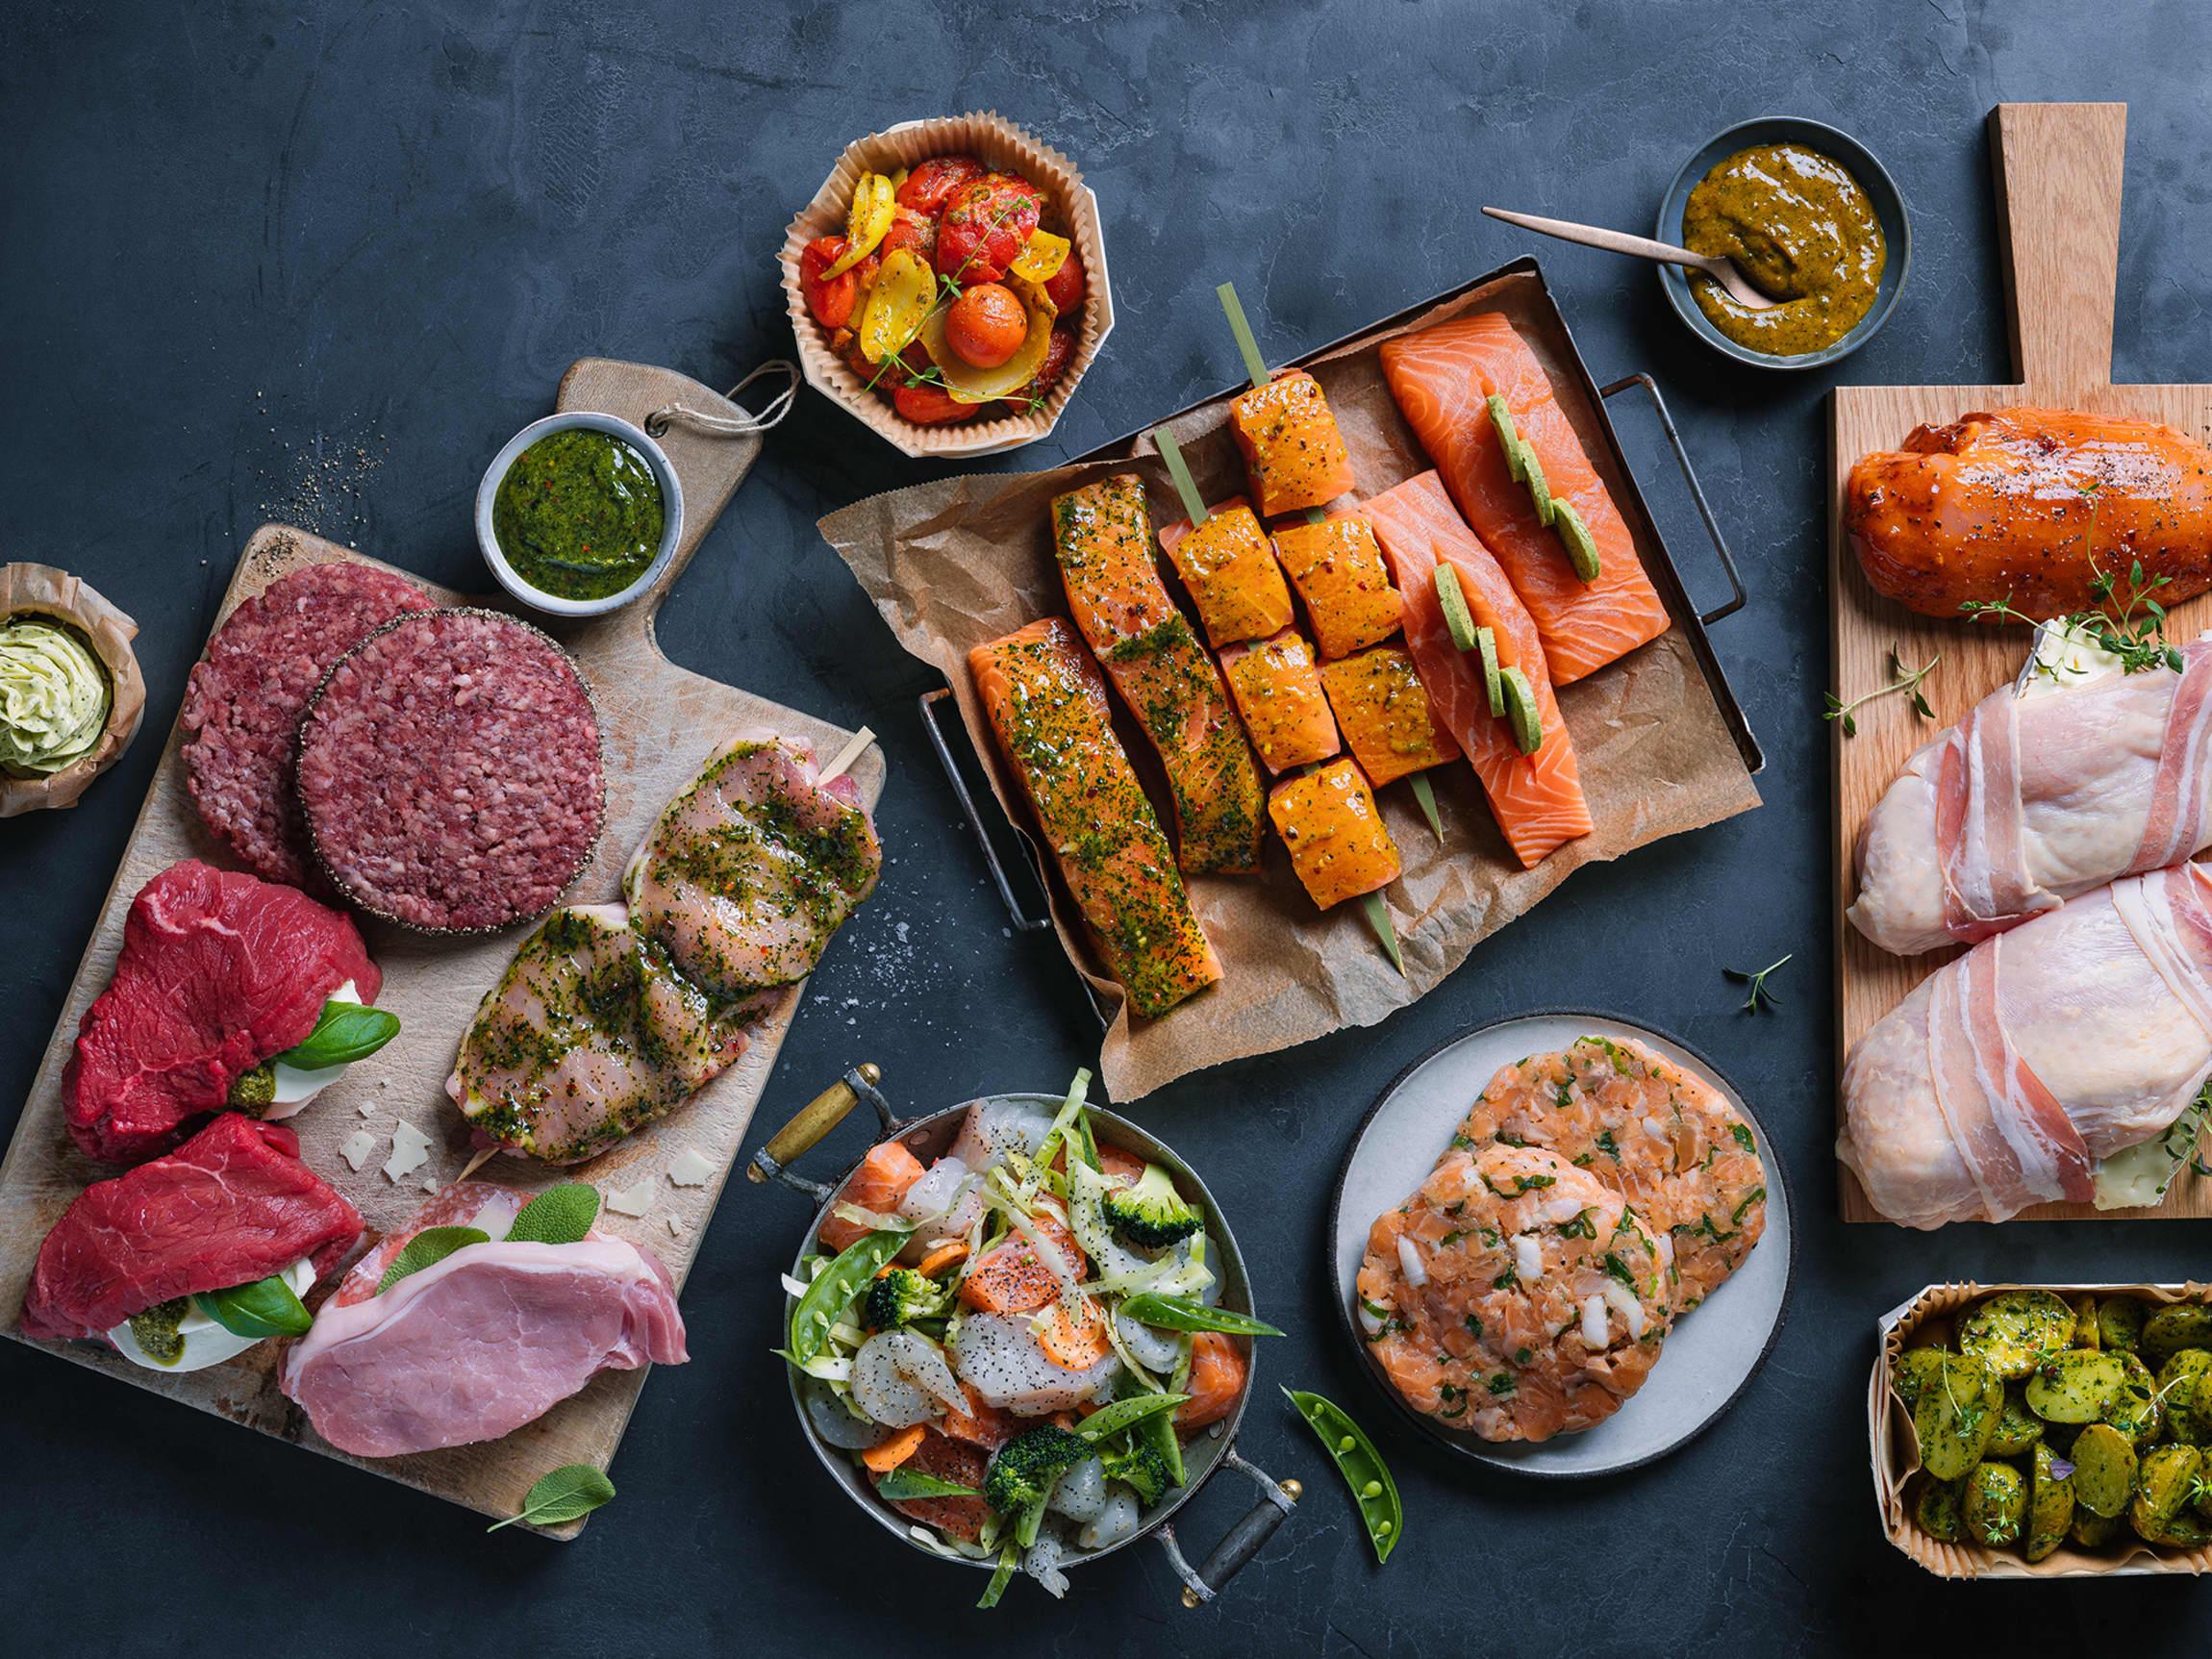 I ferskvaredisken finner du et stort utvalg av kjøtt og fisk i porsjonsstykker, salater, wok og tilbehør for enhver smak.